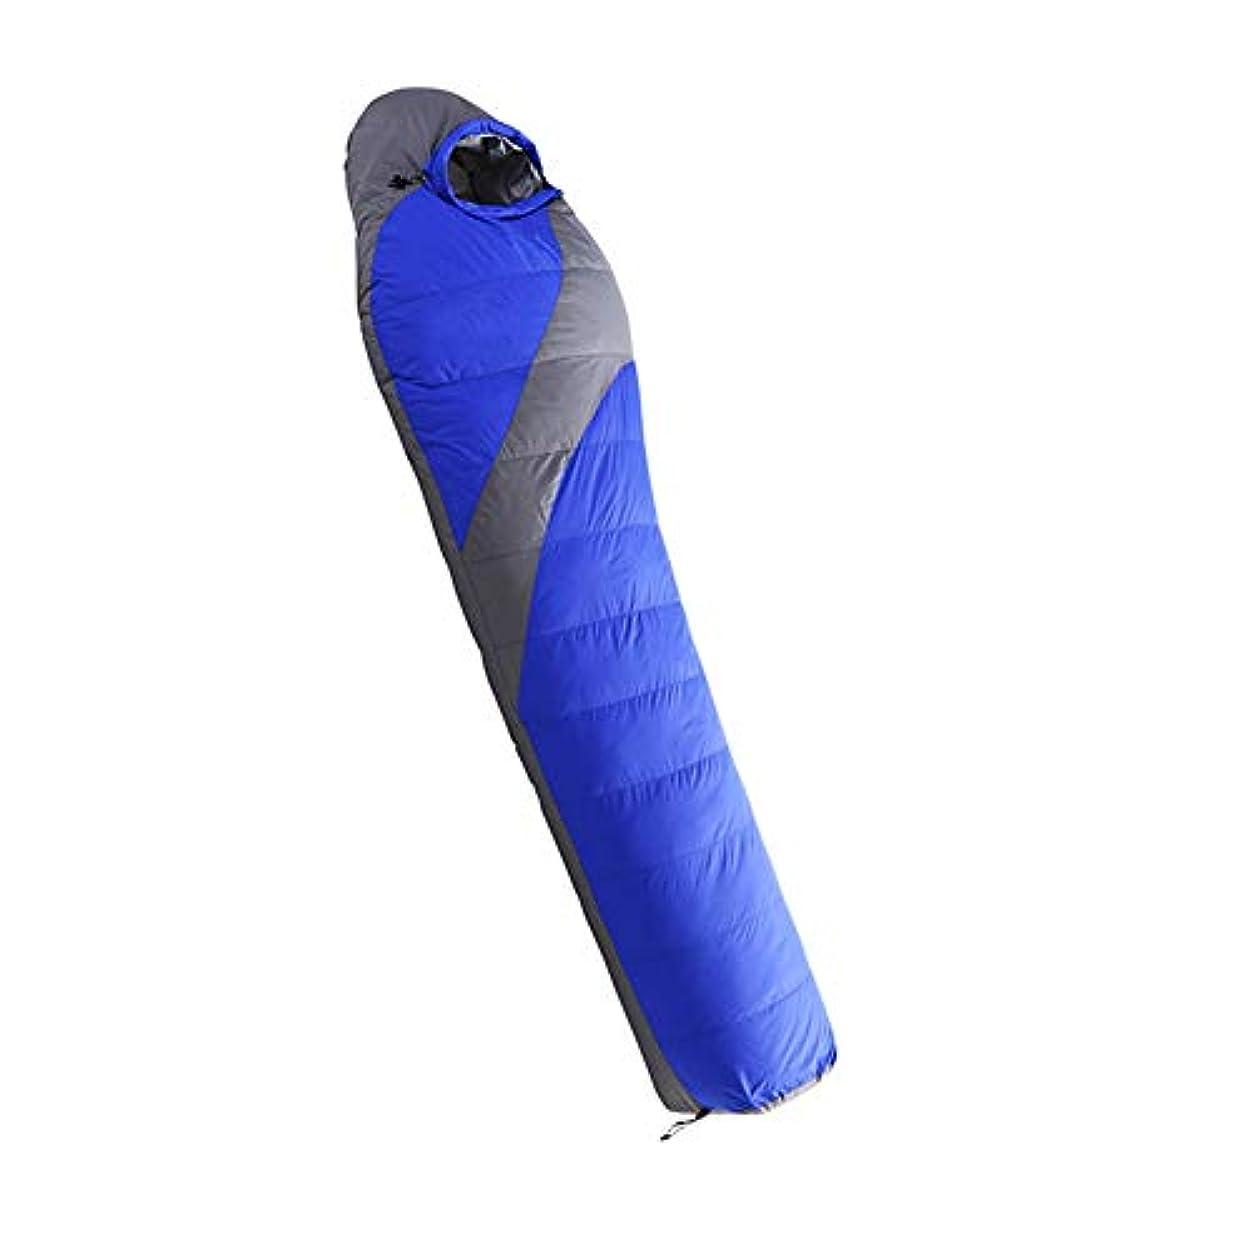 返済横増強Durable, comfortable寝袋、軽量暖かい睡眠袋防水通気性睡眠袋コンフォートママスリーピングバッグ,Blue,215*78*55cm